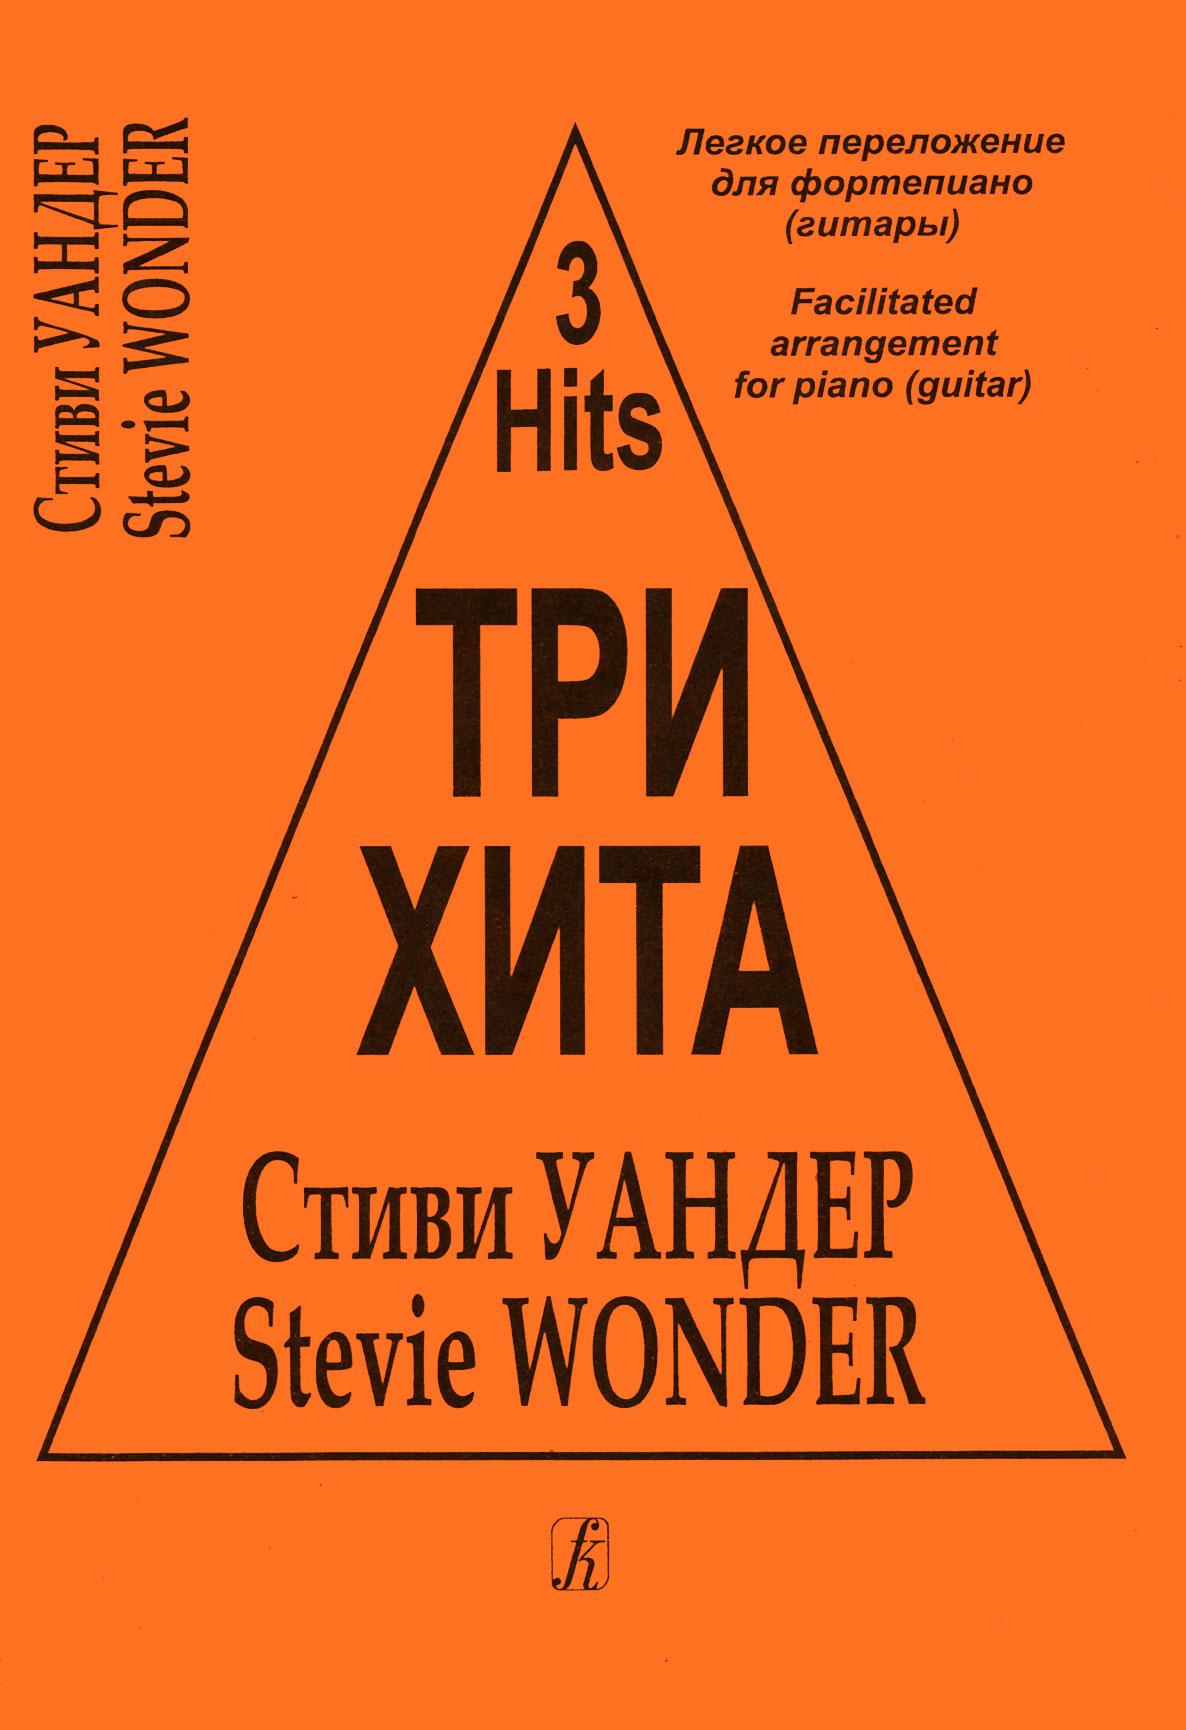 Стиви Уандер Стиви Уандер. Три хита. Легкое переложение для фортепиано (гитары) ISBN: 4222 шарль азнавур шарль азнавур три хита легкое переложение для фортепиано гитары